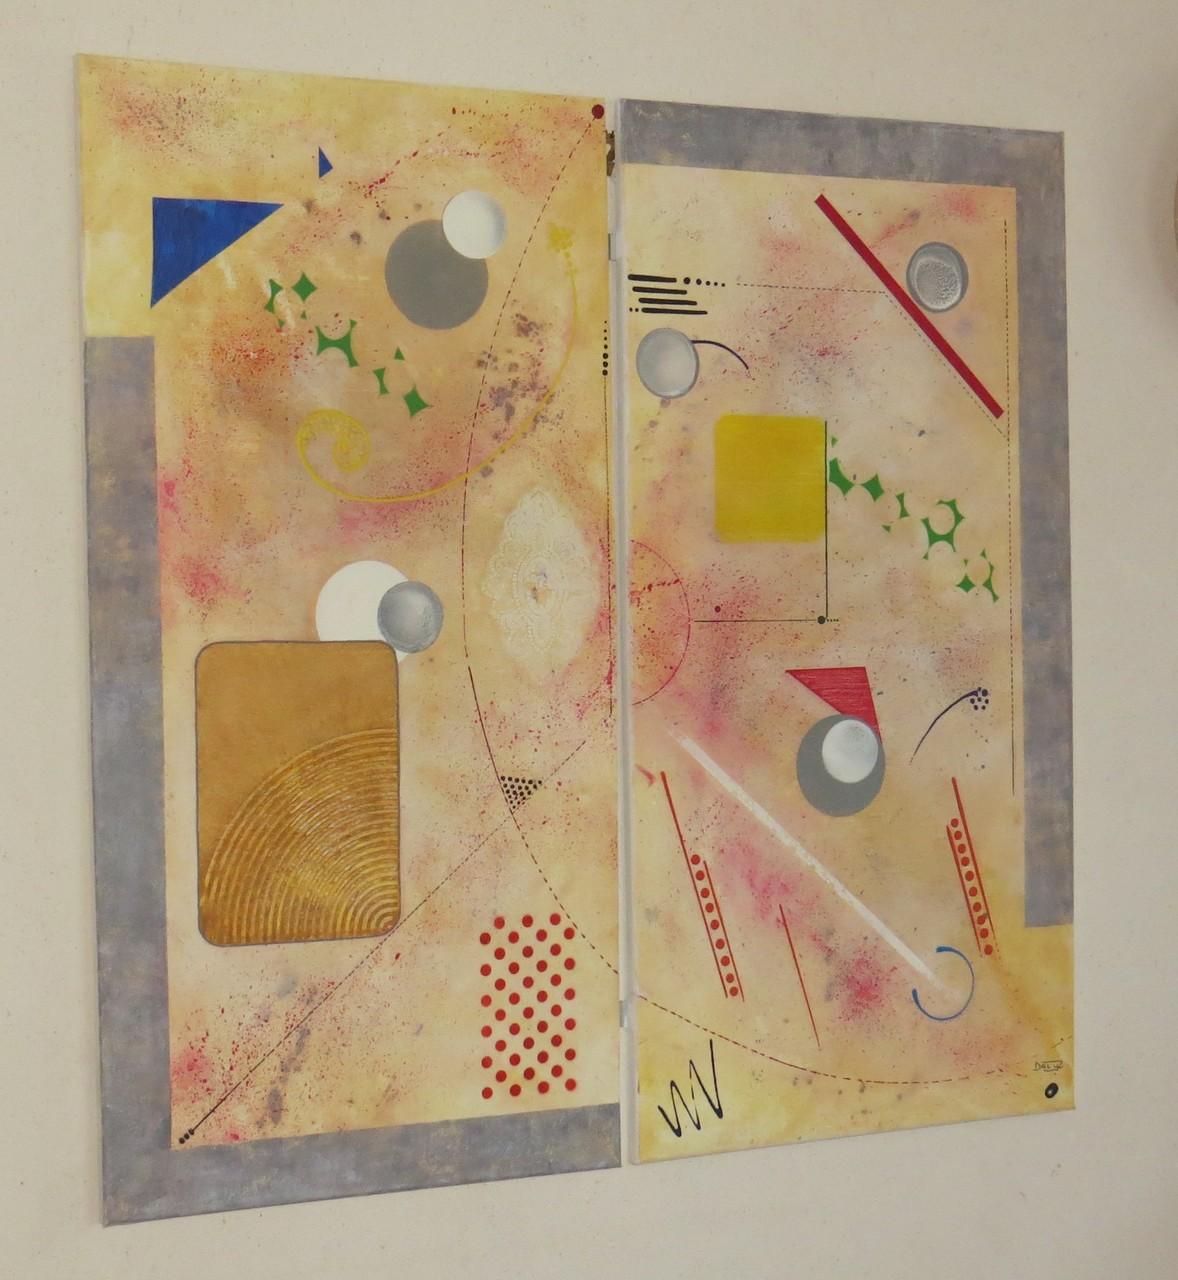 comètes vue côté1 - daluz galego tableau abstrait abstraction